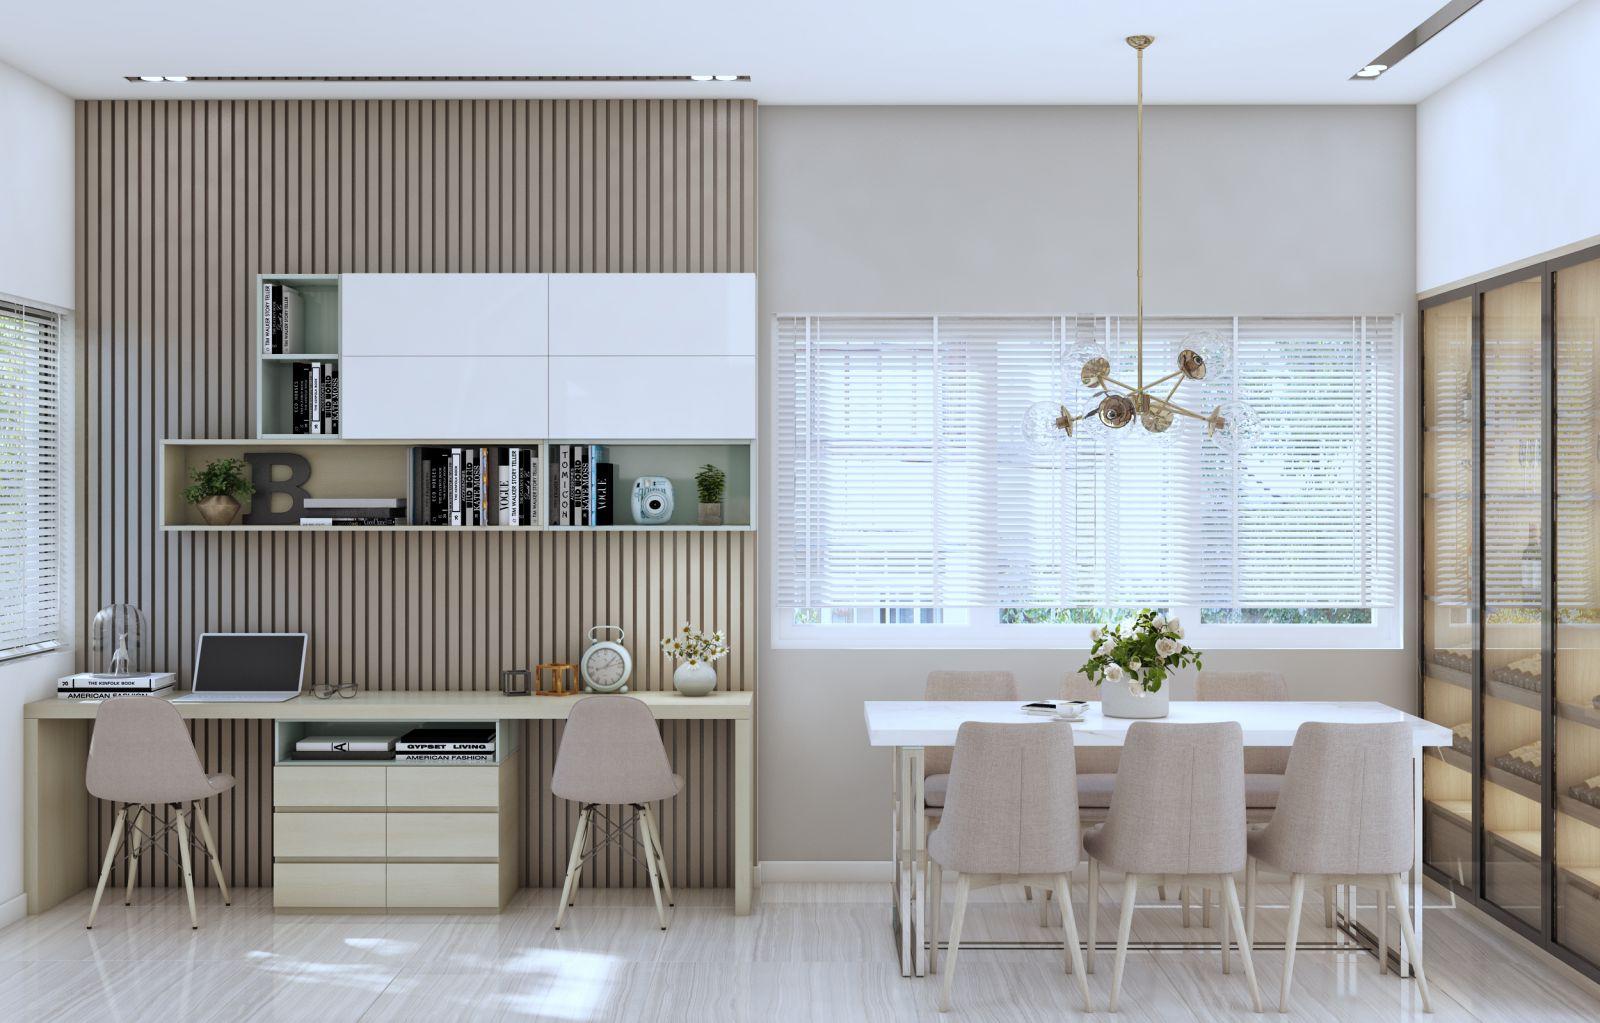 Thiết kế nội thất phòng làm việc của căn biệt thự kiểu mới